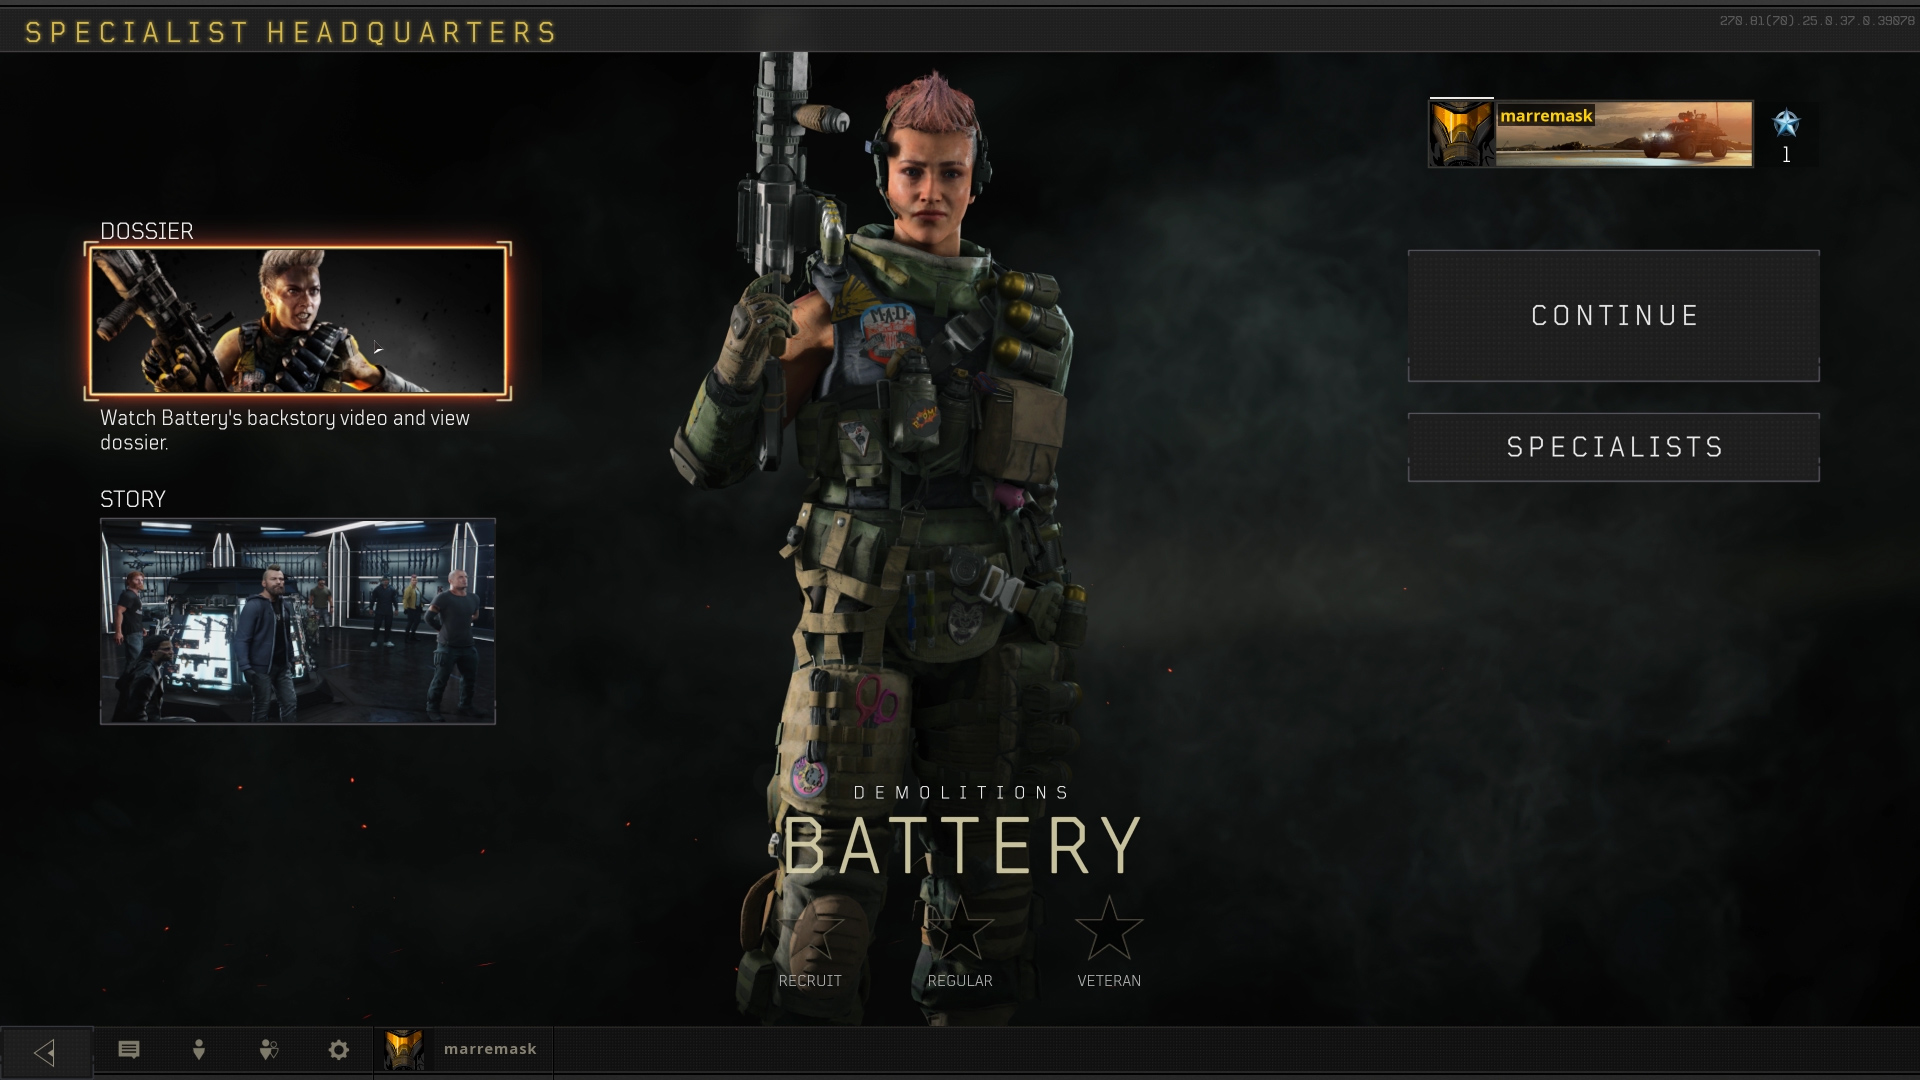 Call of Duty  Black Ops 4 2018.12.29 - 17.19.28.07 Specialist HQ.00_00_31_16.Still001.jpg